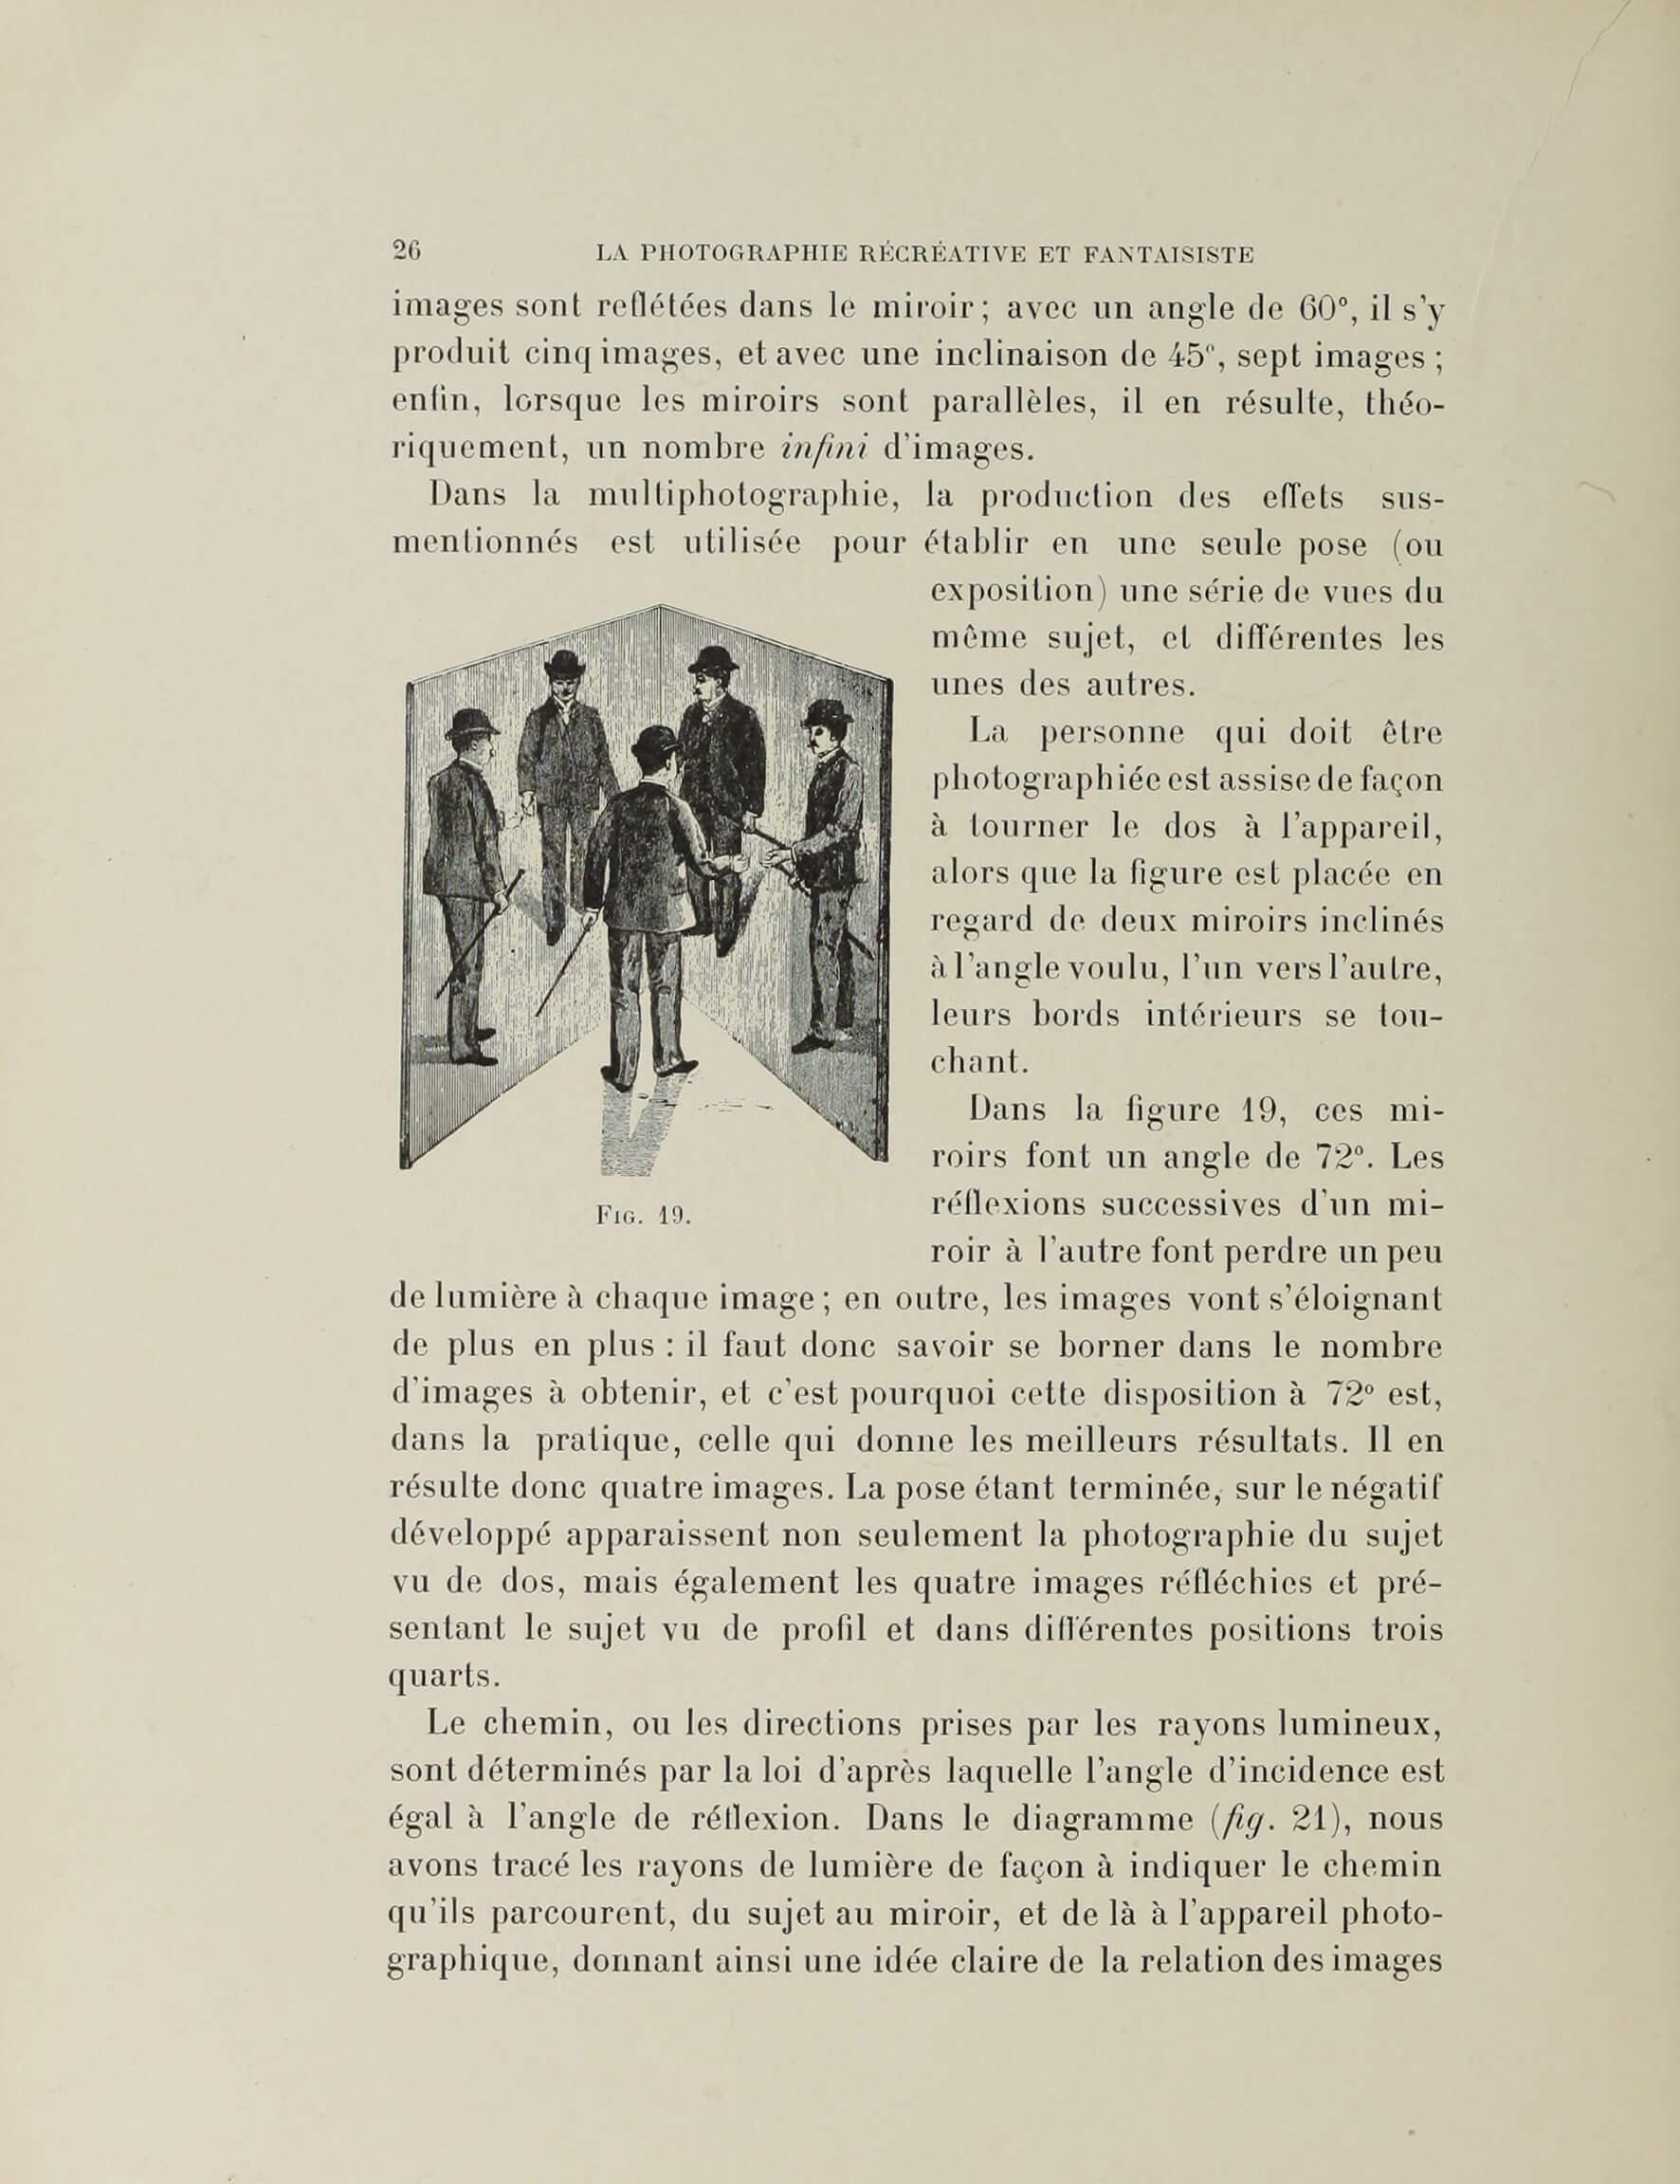 César Chaplot, «La multiphotographie», <em>La Photographie récréative et fantaisiste – recueil de divertissements, trucs, passe-temps photographiques</em>, Paris, Charles Mendel, 1900, p. 26  (Getty Research Institute)